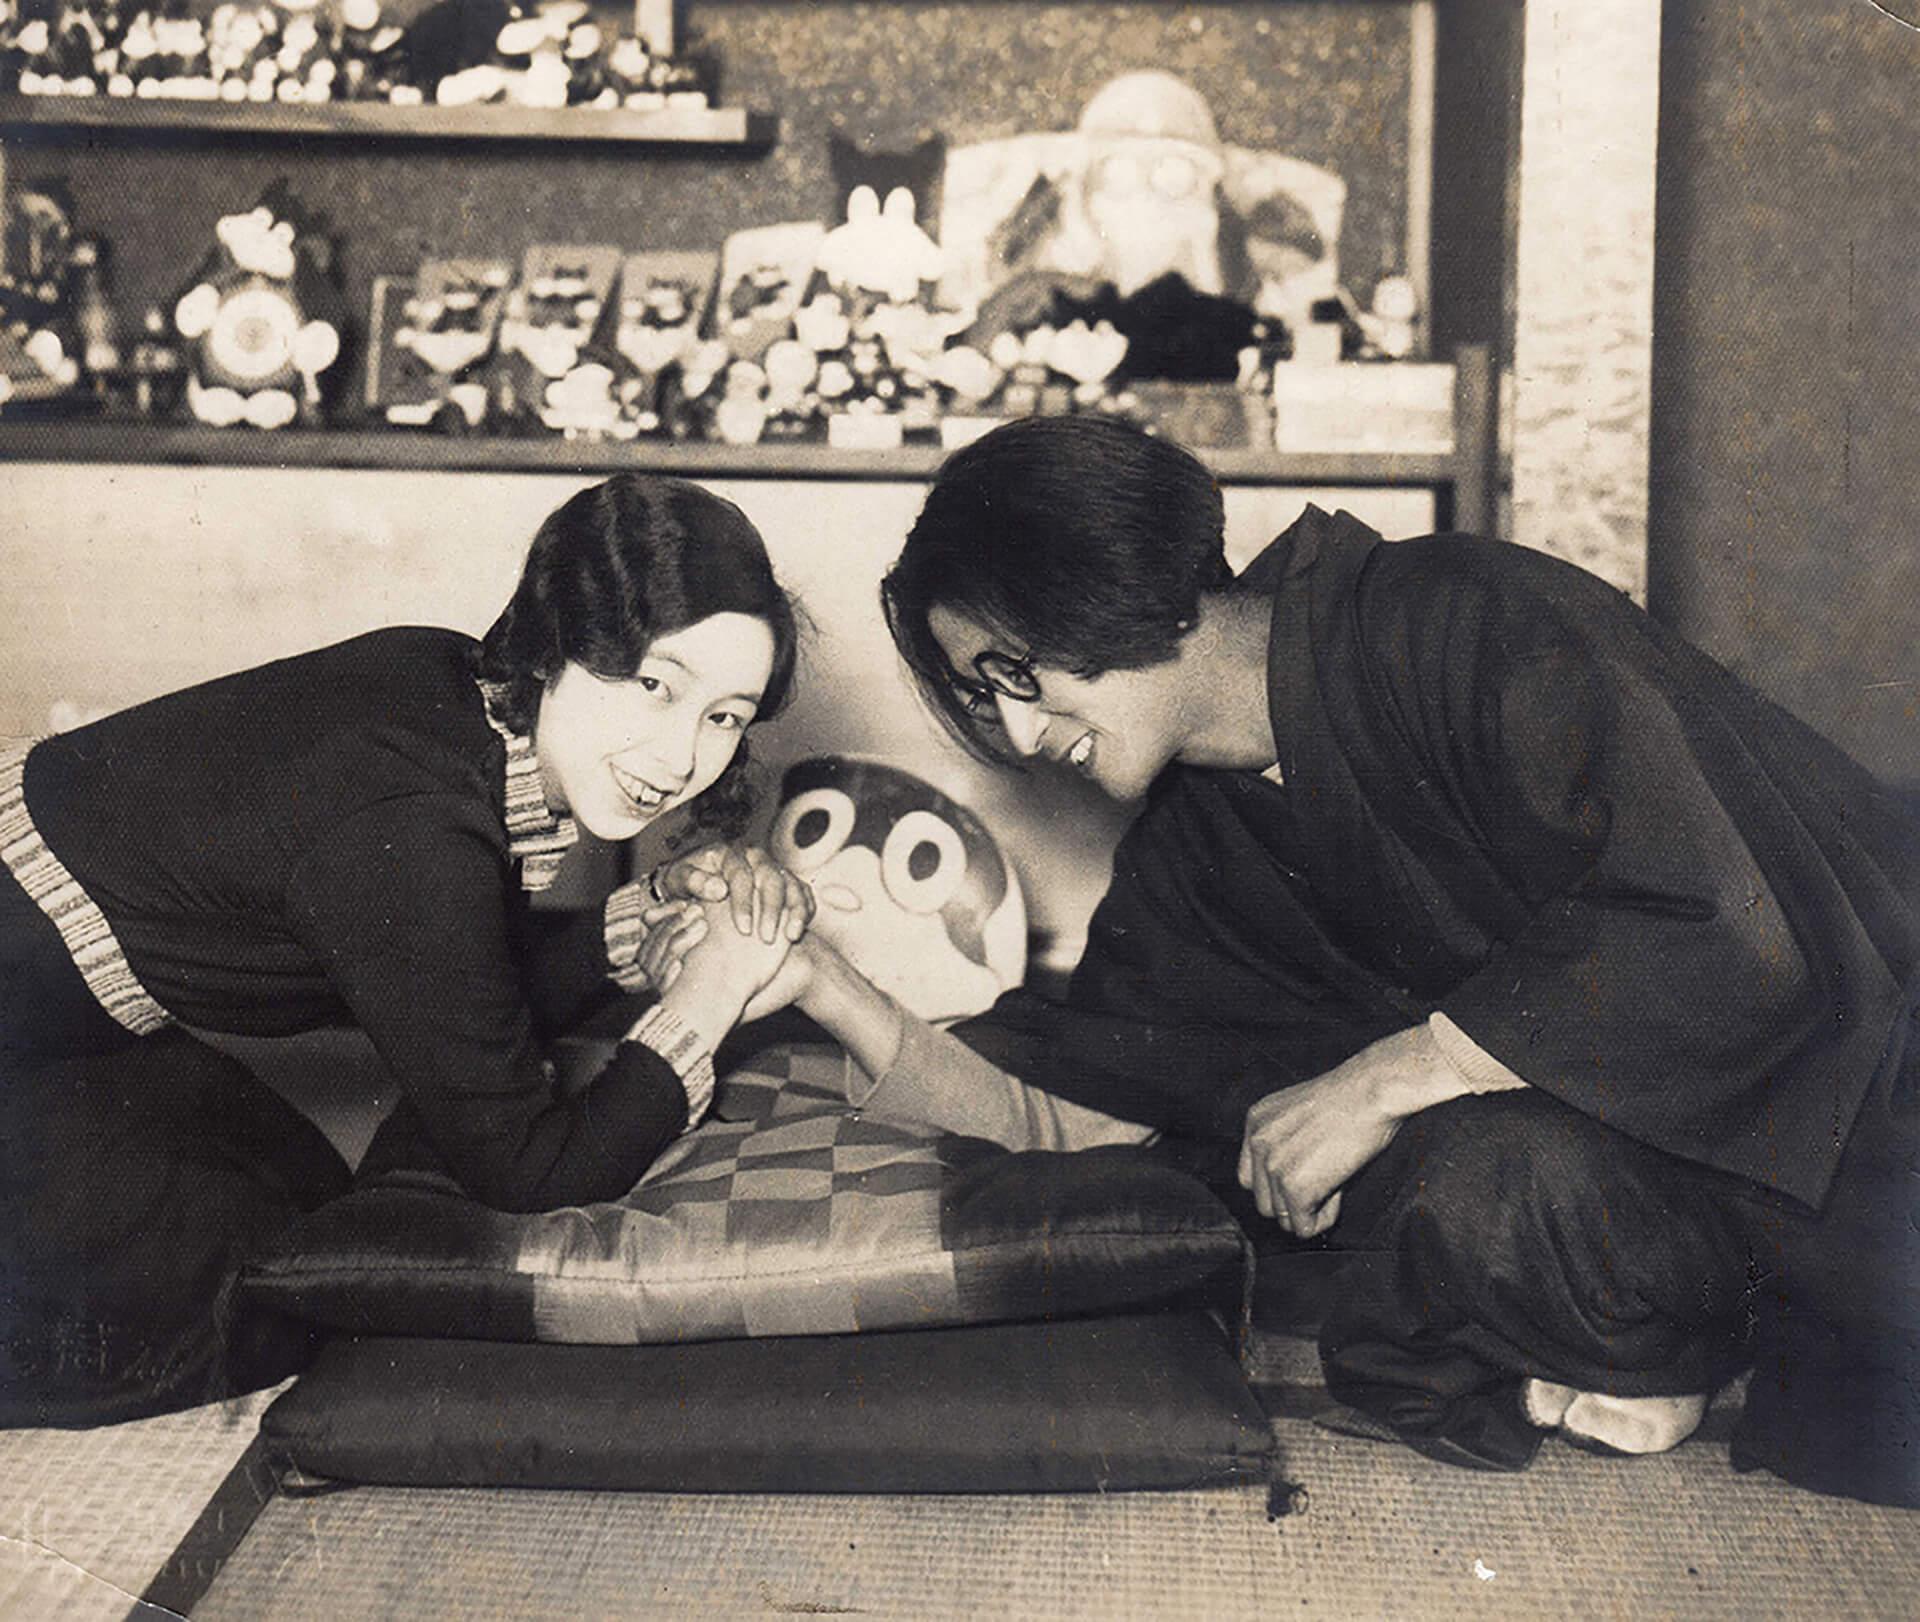 この写真は「のらくろであります!」の原作者、田河水疱さんと奥様のアー写